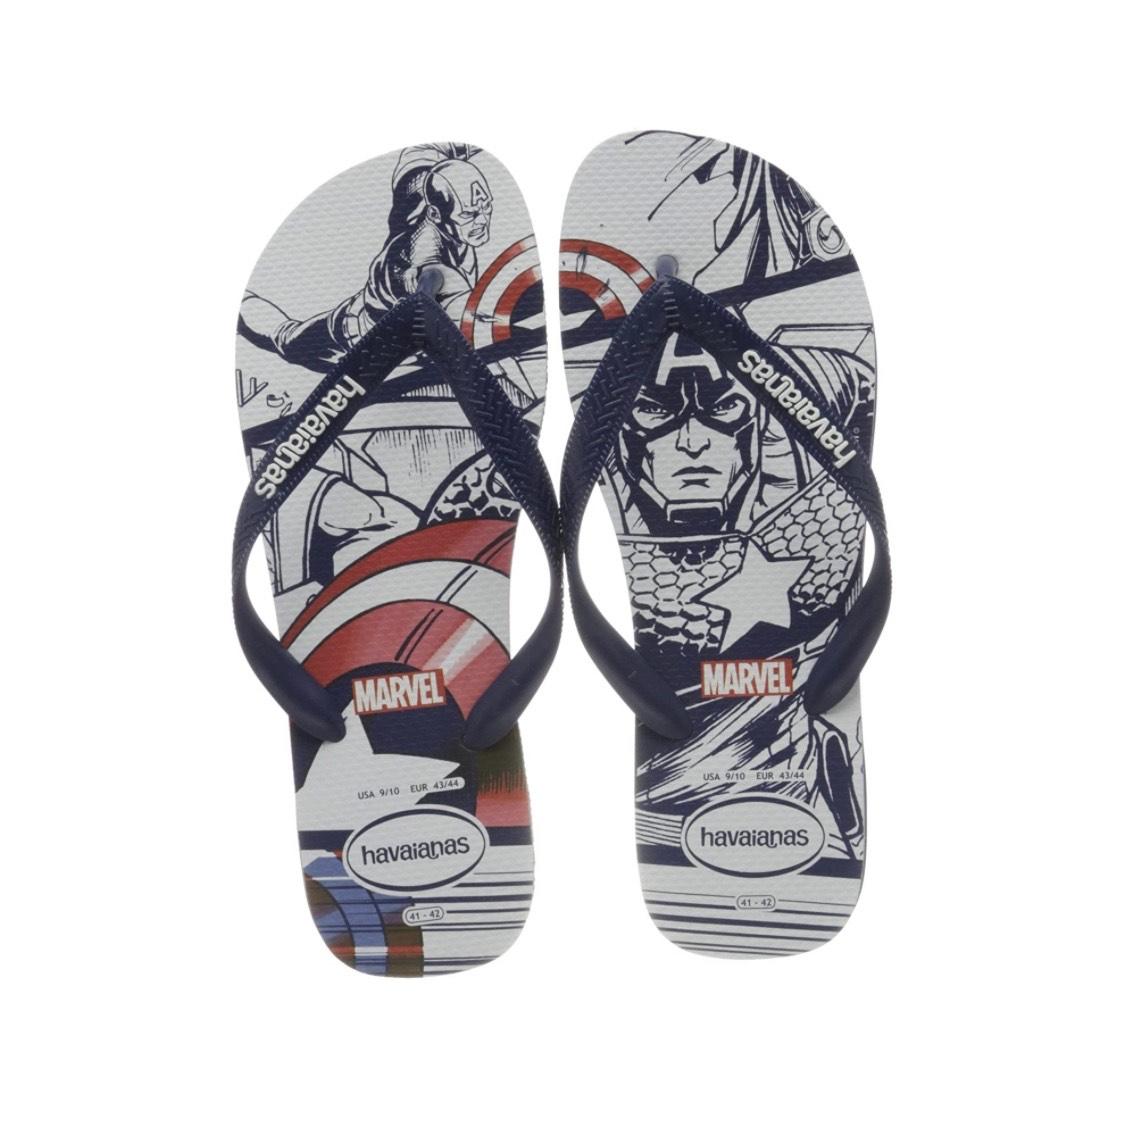 Chanclas Havaianas Marvel Captain America | Tallas 23 a 45